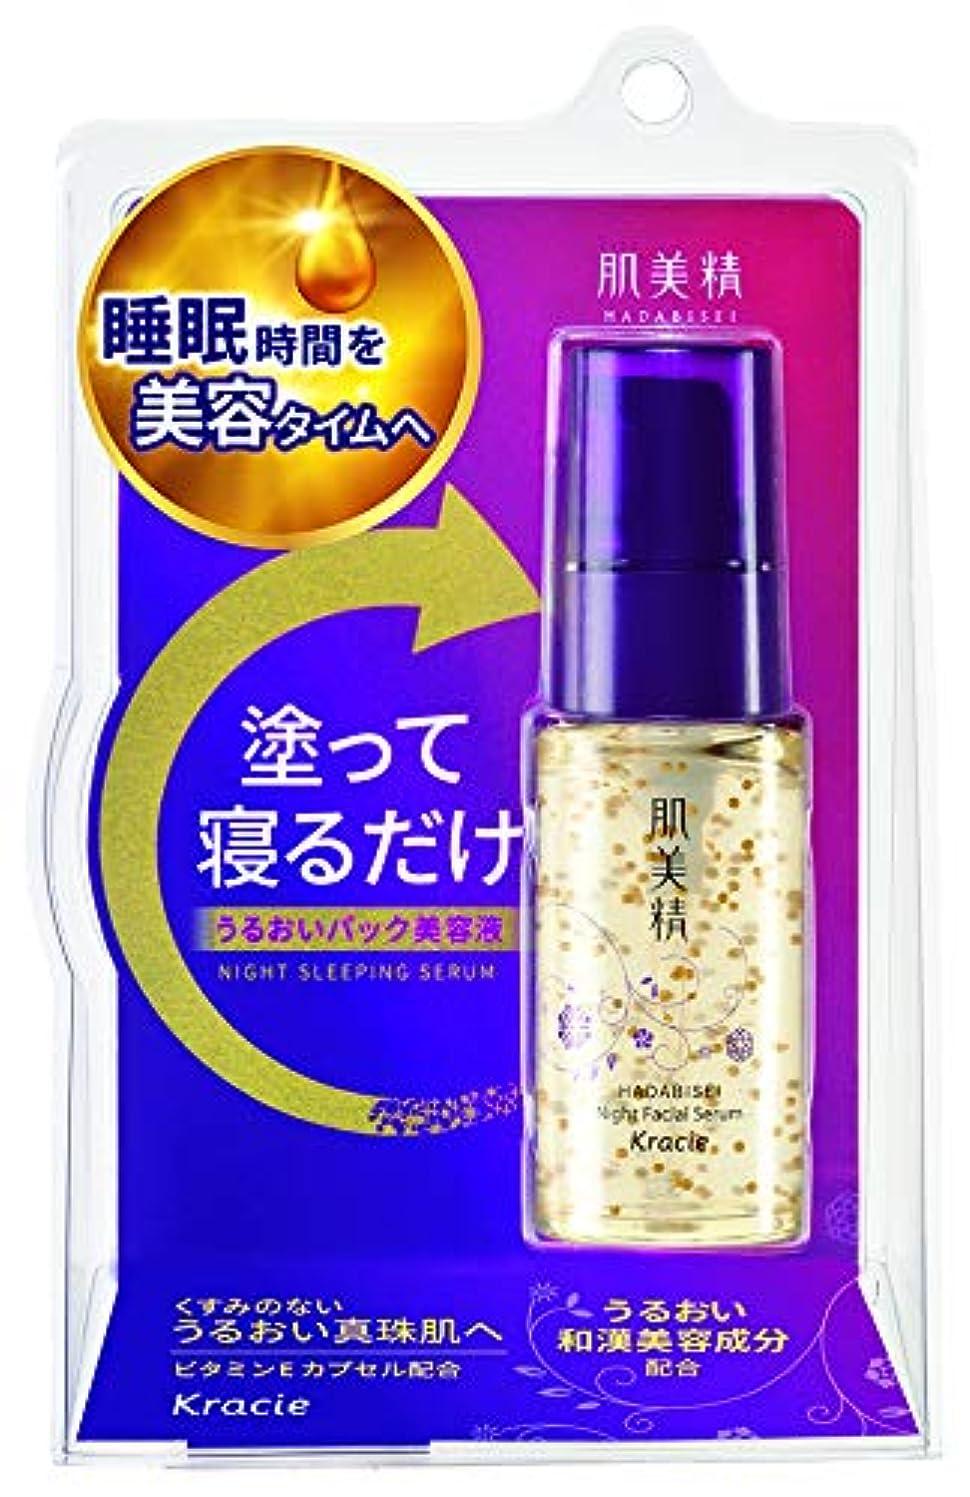 守る維持署名肌美精 ターニングケア保湿 ナイトスリーピングセラム美容液30g ビタミンEカプセル配合